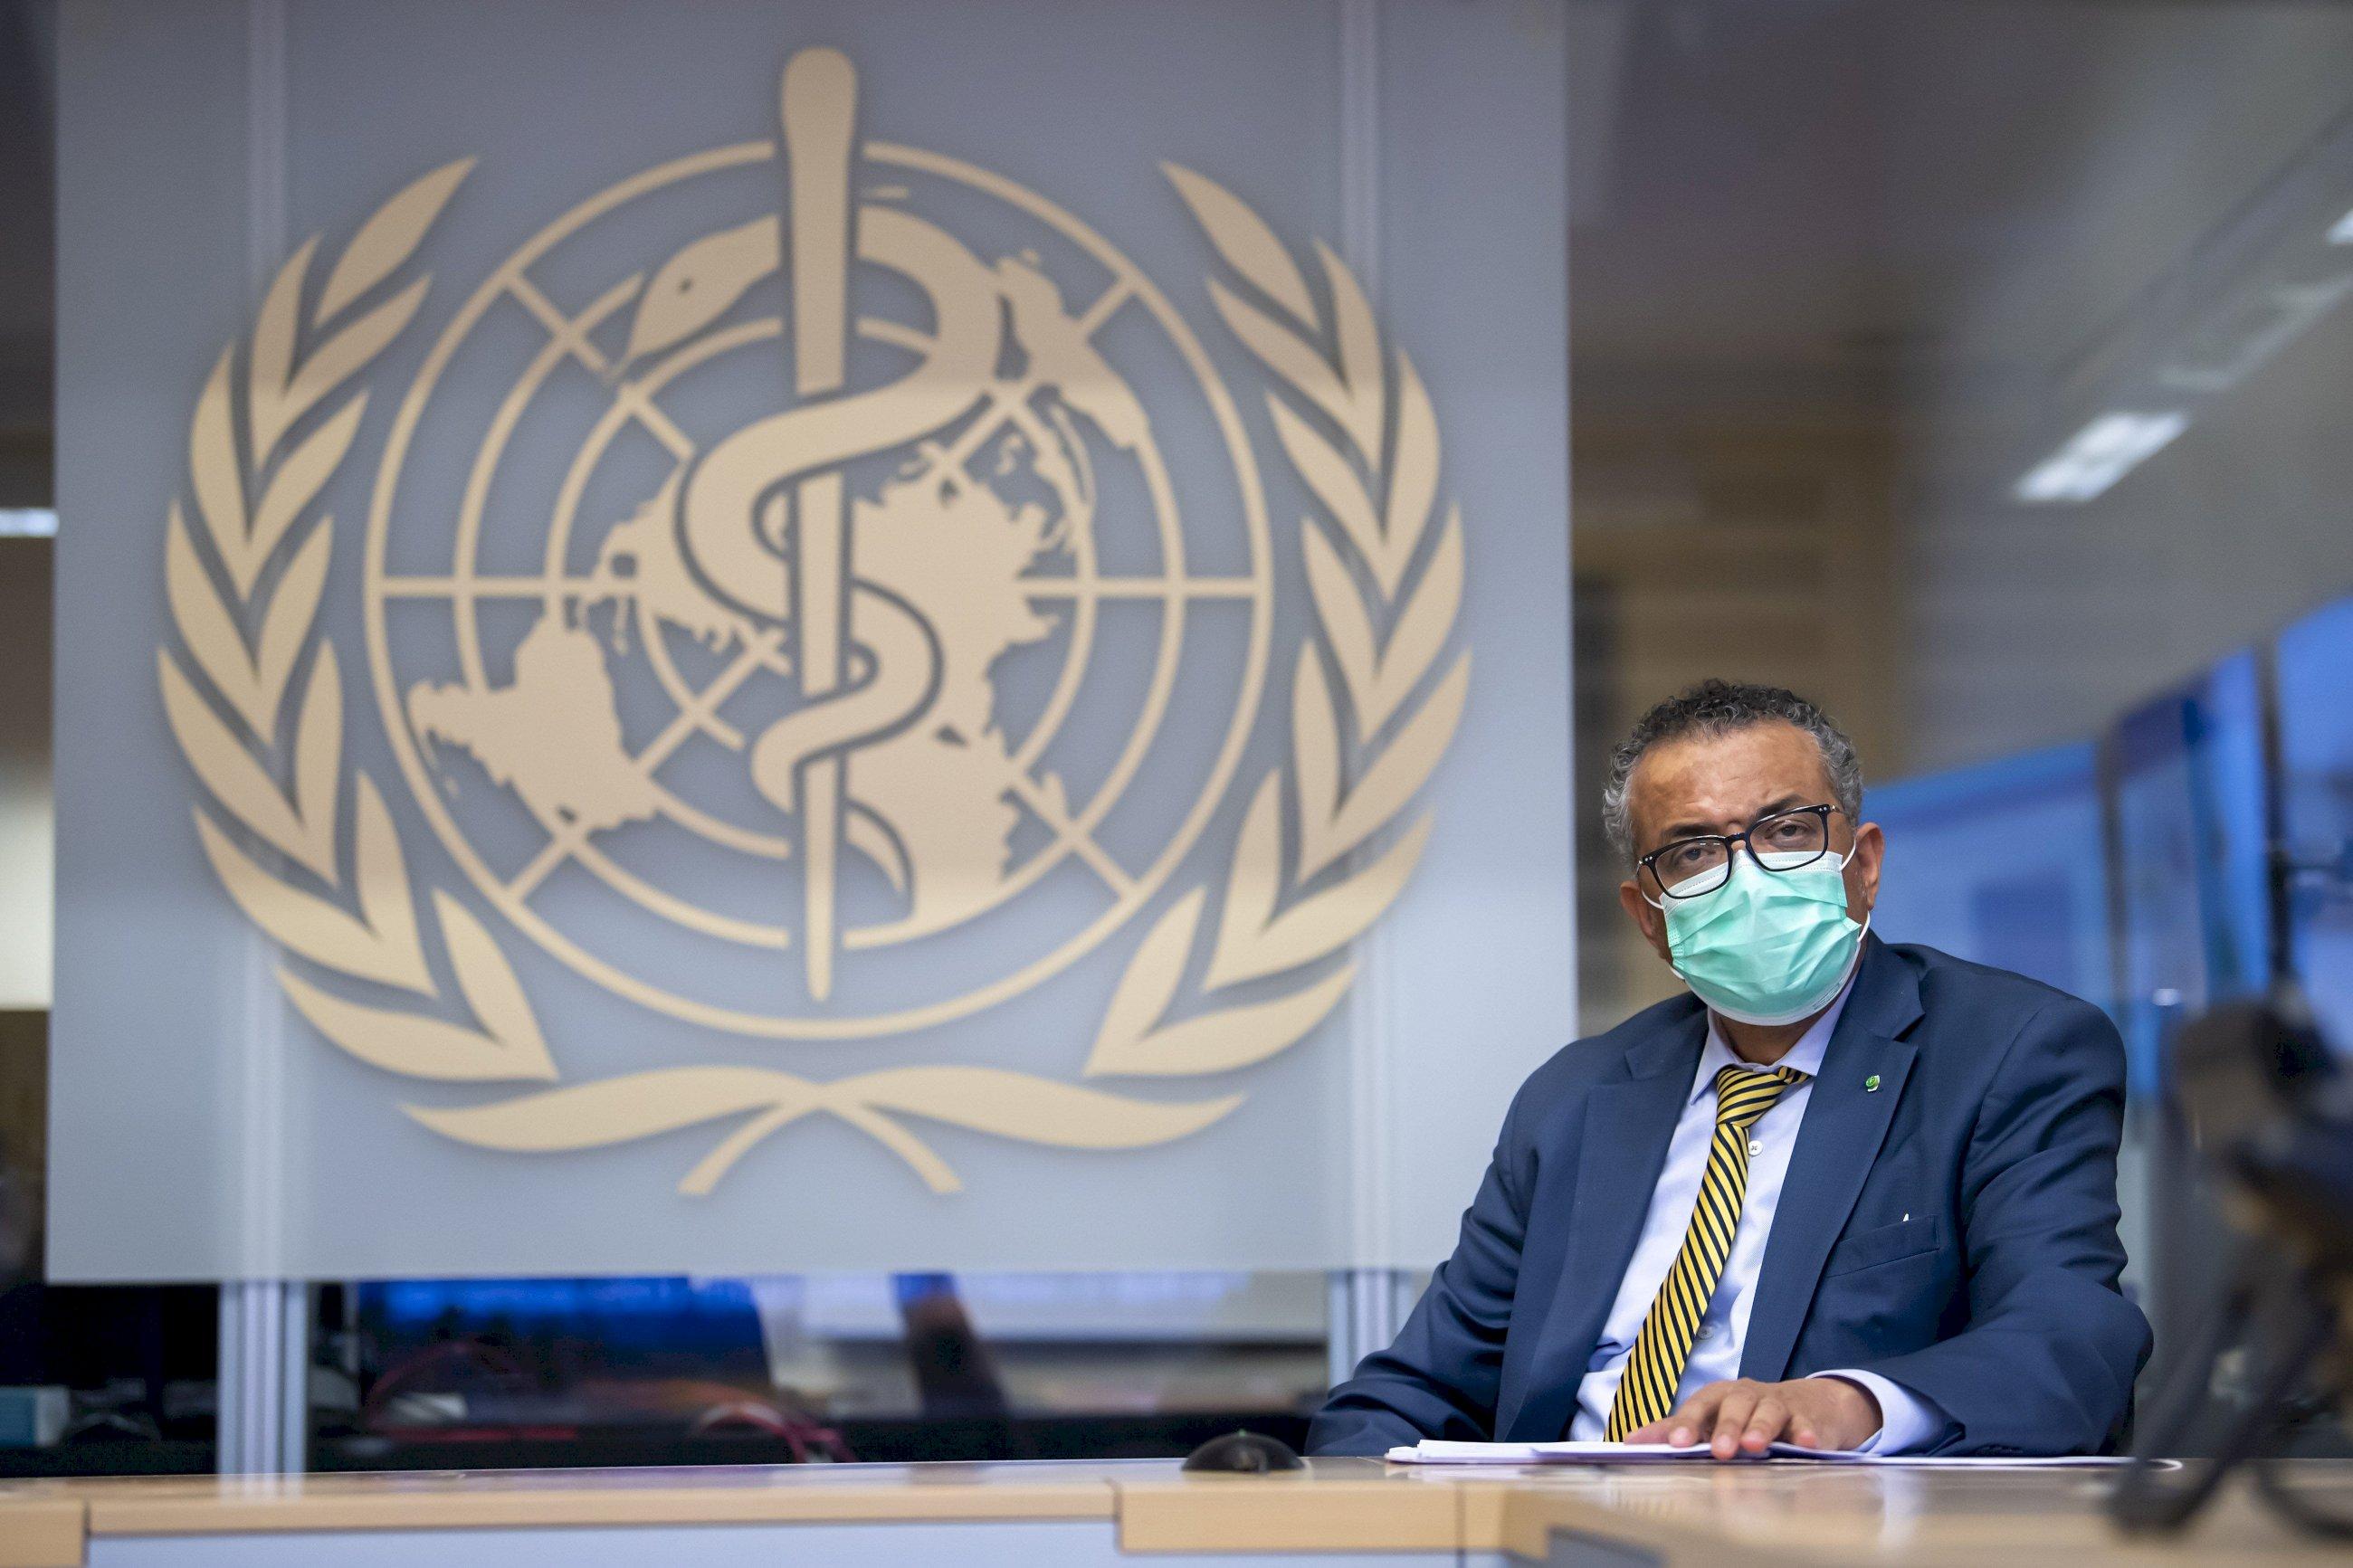 El director general de la Organización Mundial de la Salud (OMS), Tedros Adhanom Ghebreyesus | EFE/EPA/MARTIAL TREZZINI/Archivo